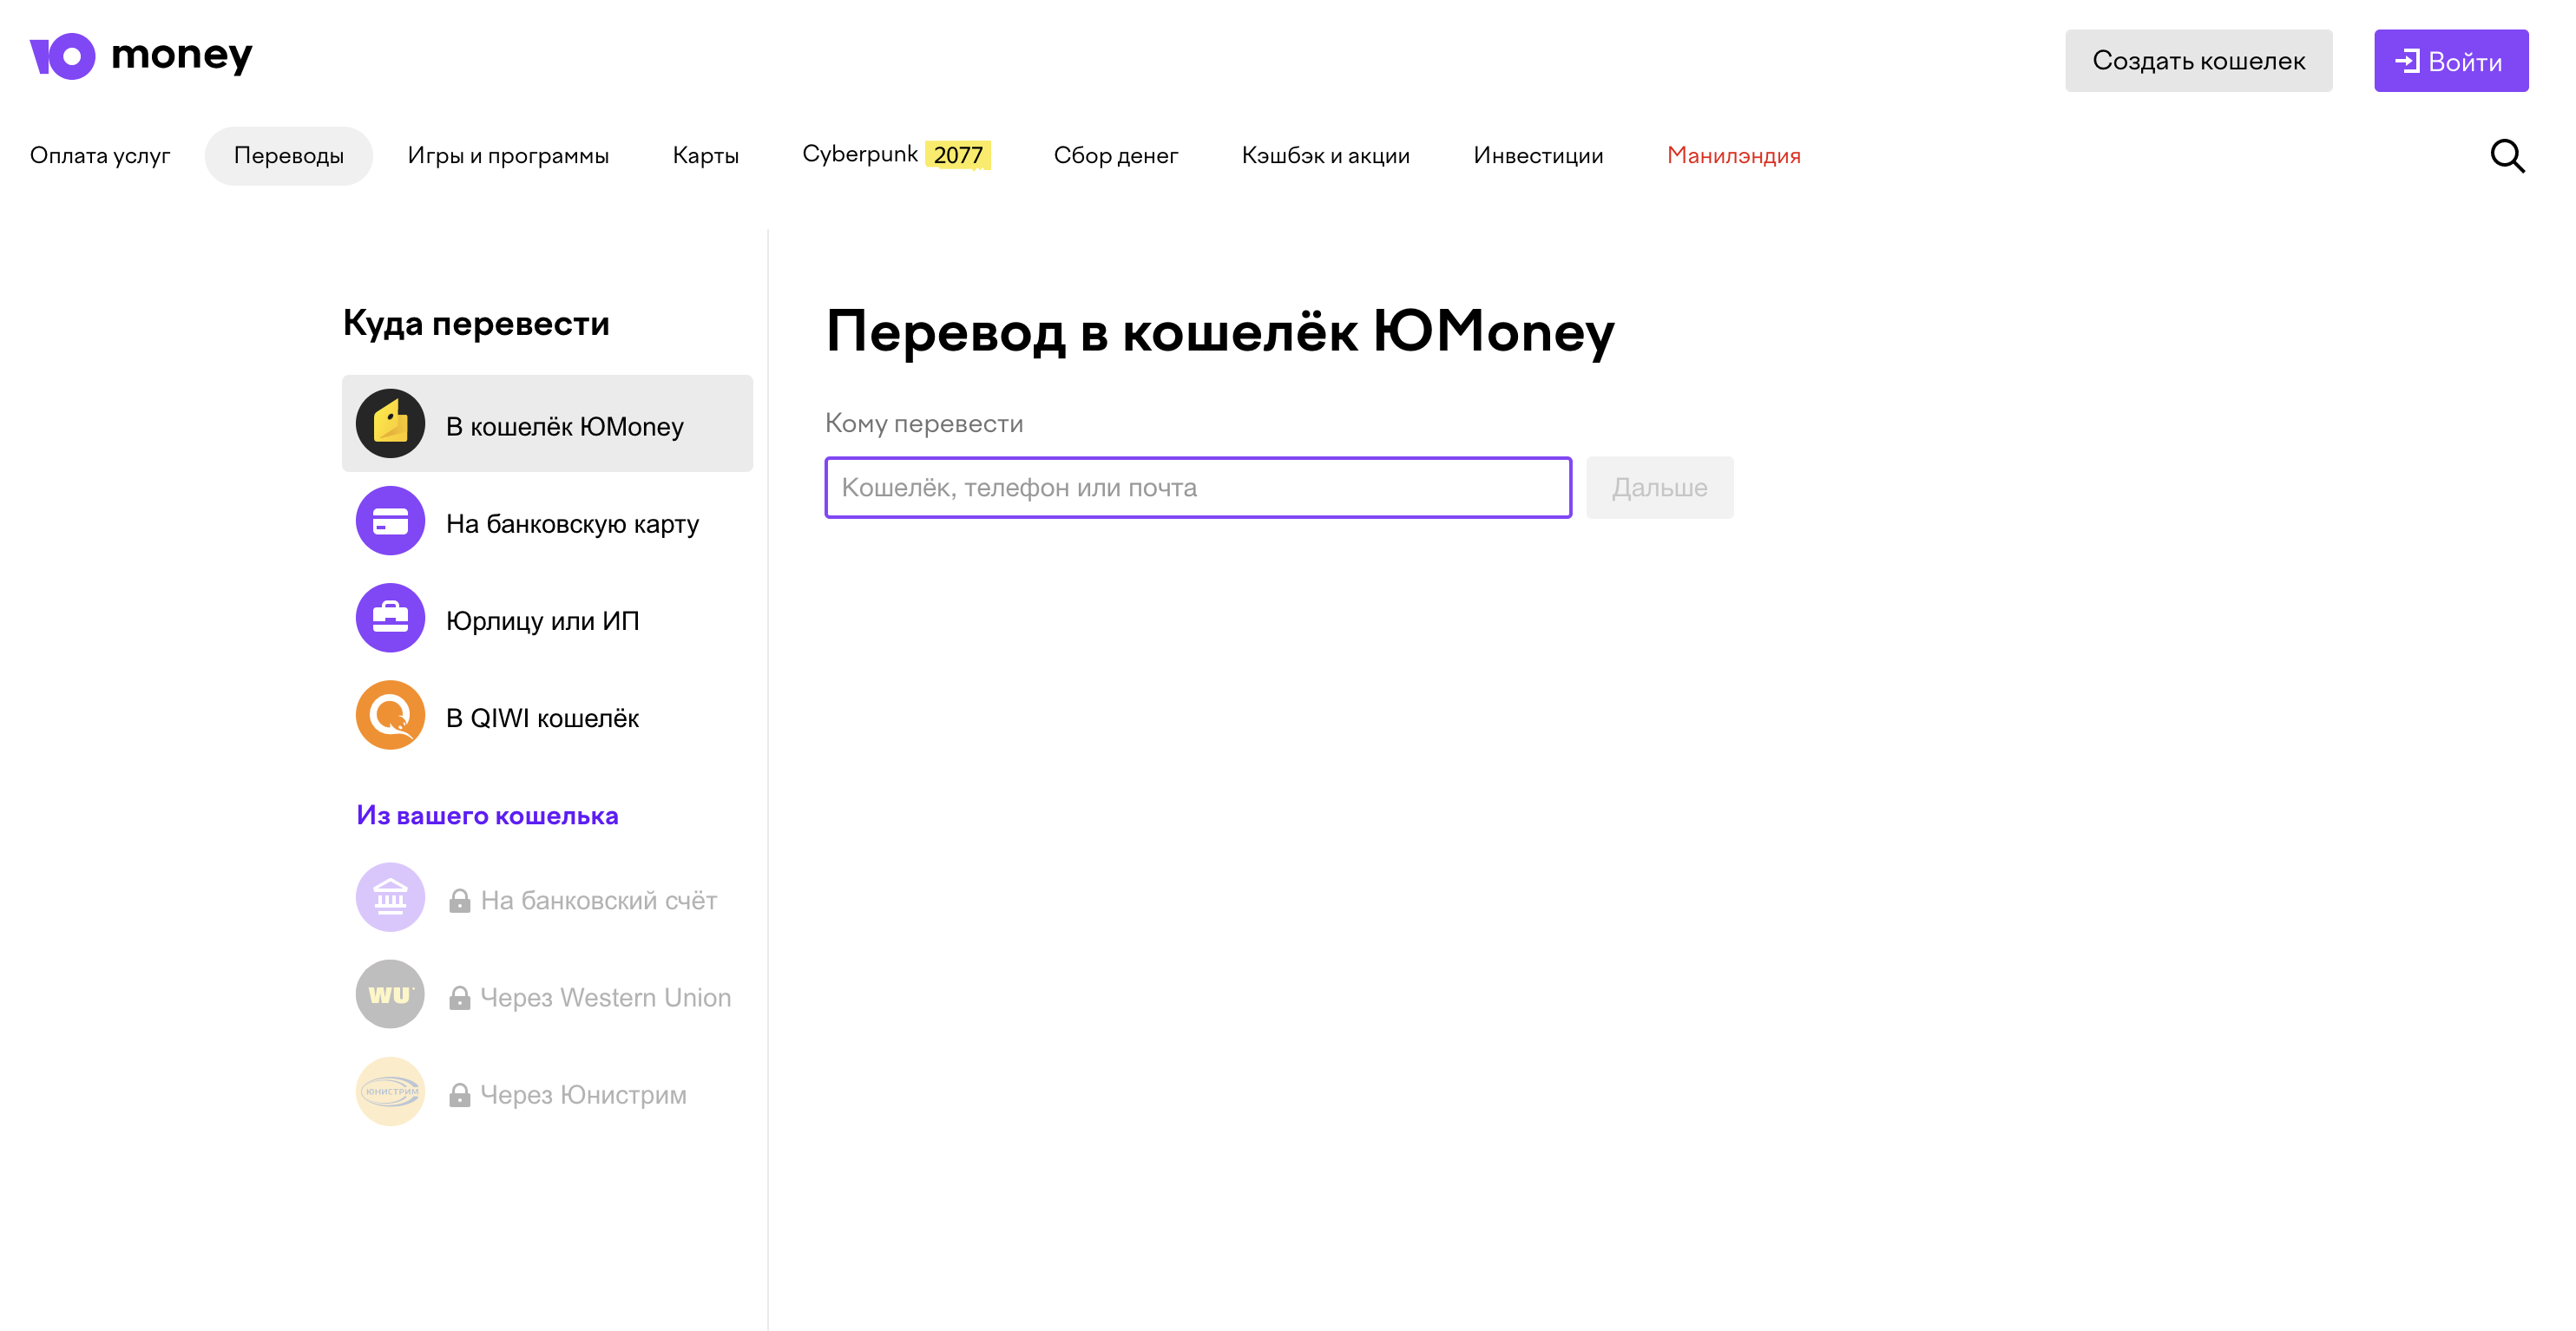 перевести деньги на другой кошелек ЮMoney